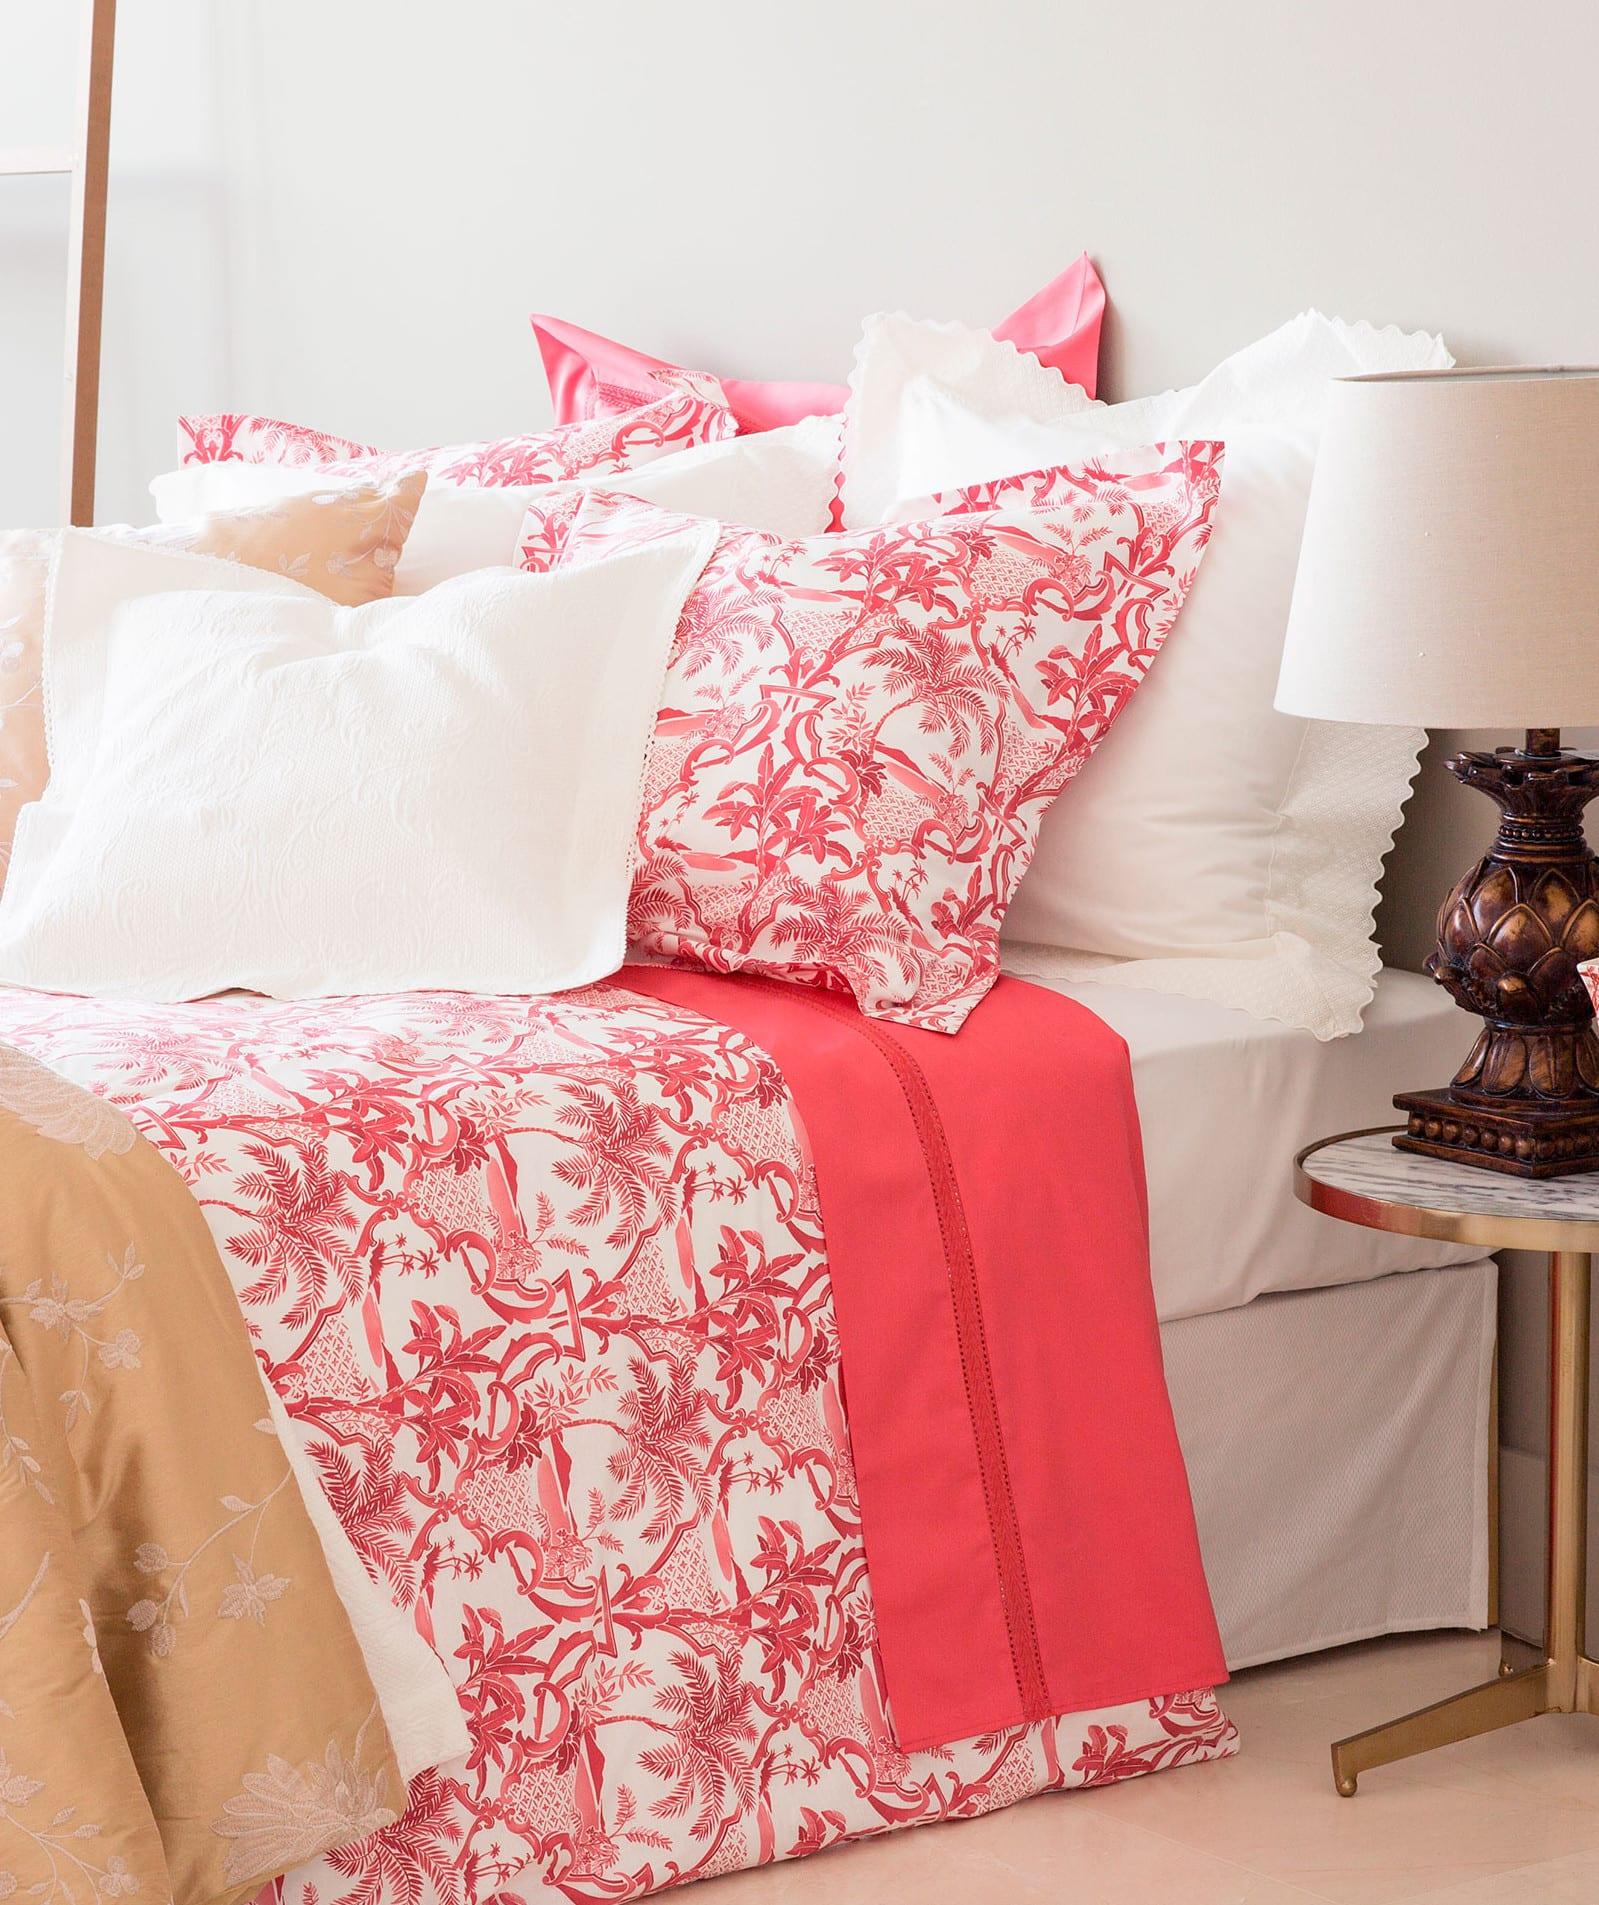 Schlafzimmer einrichten mit Zara Home - fresHouse